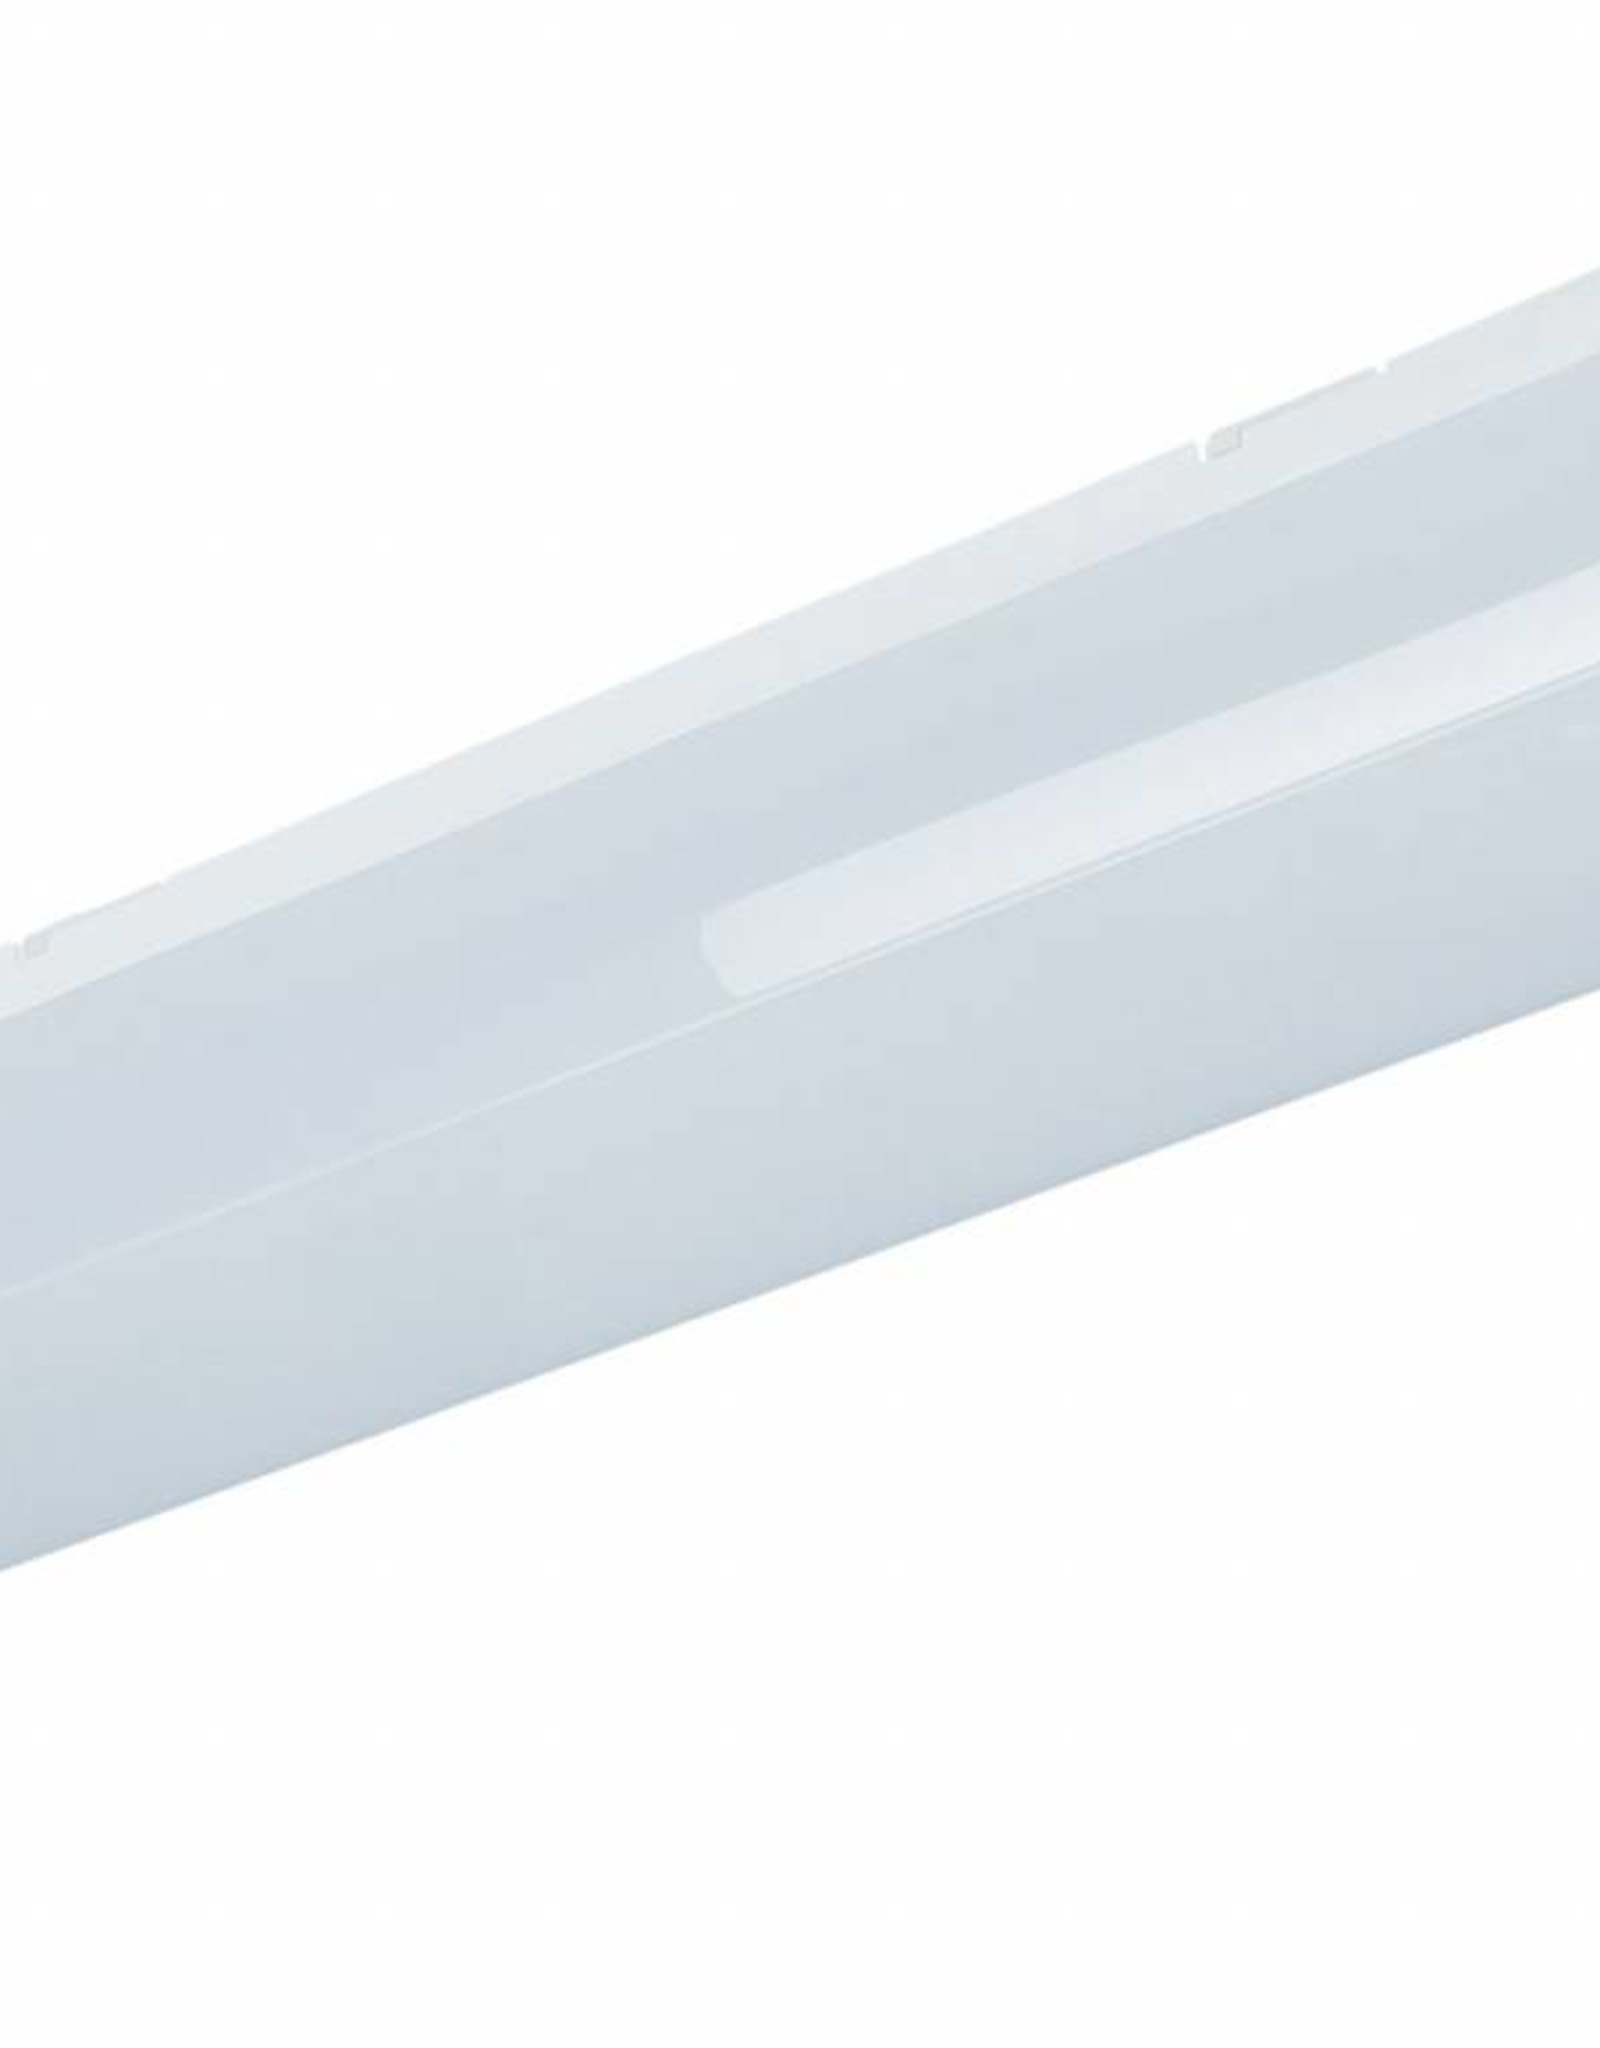 Linea 1.4ft 4400/840